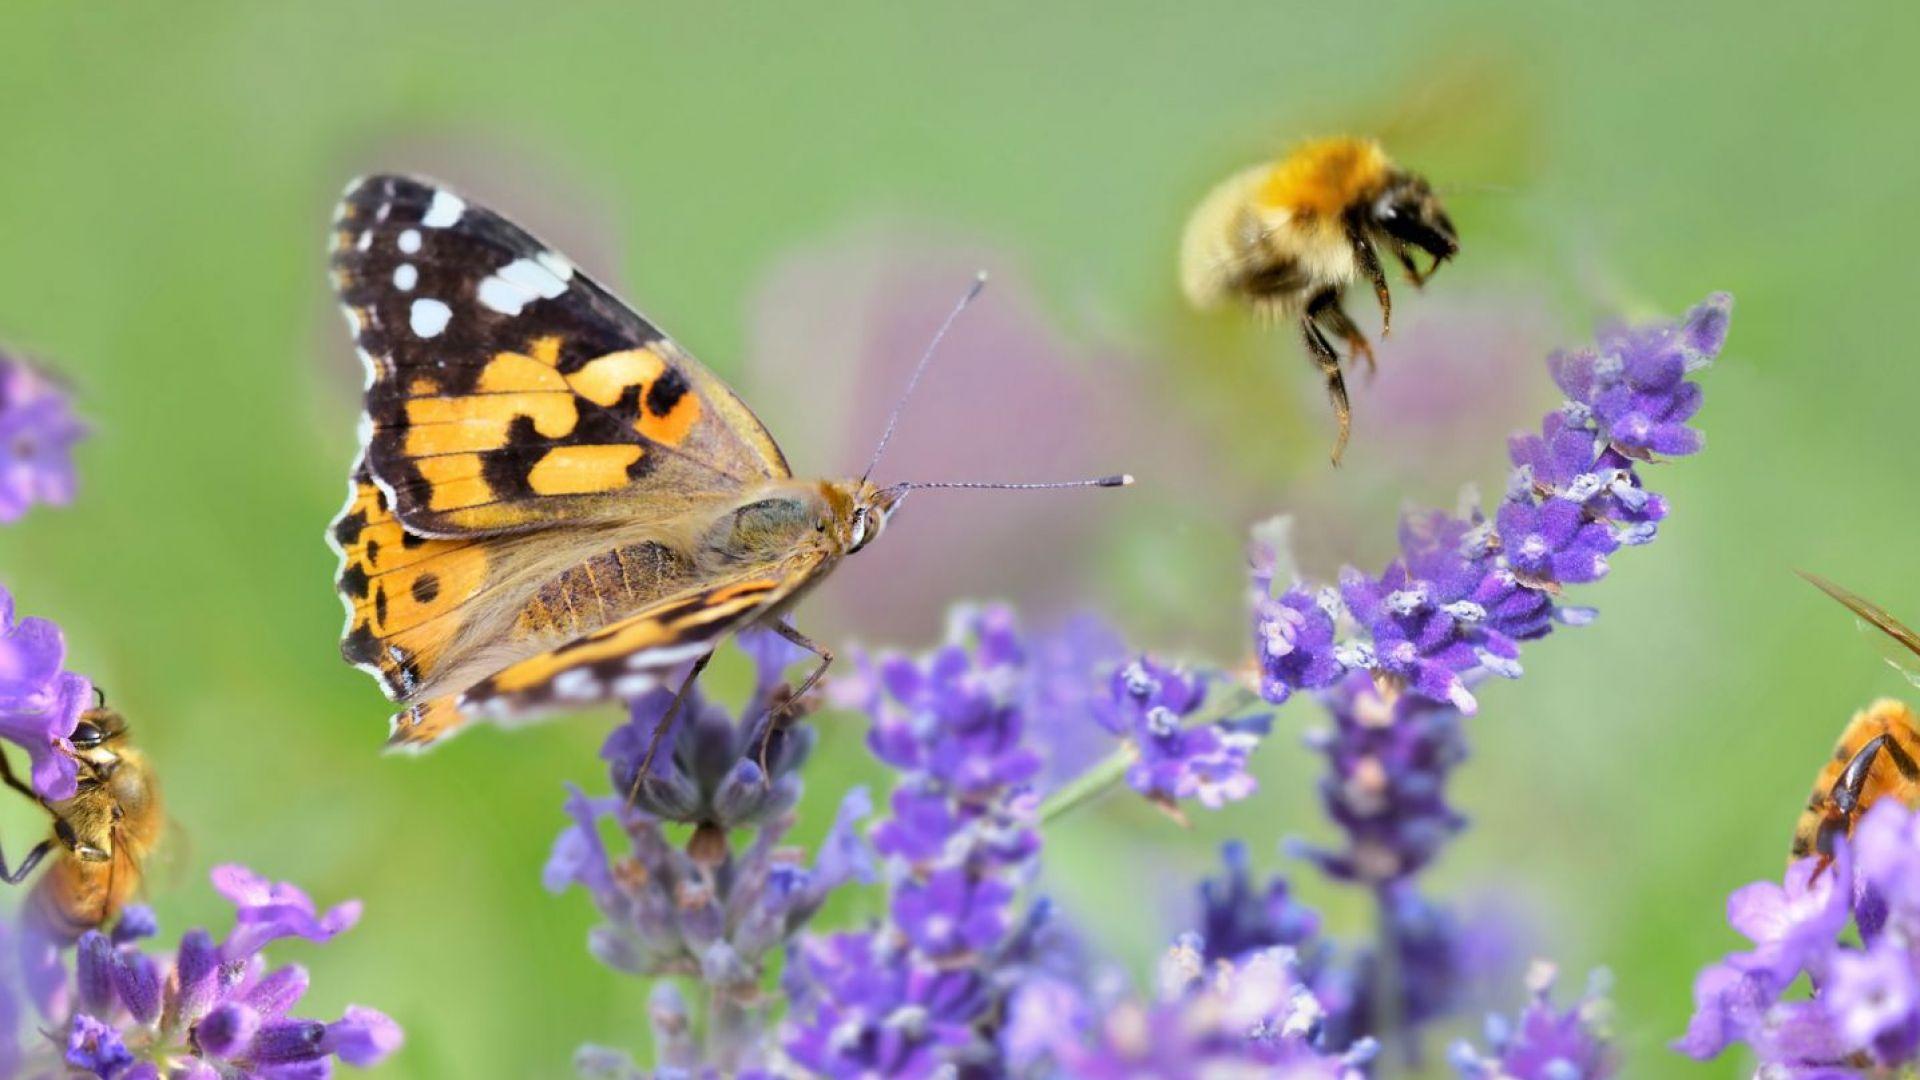 Намира ли място биоразнообразието в Плана за възстановяване?